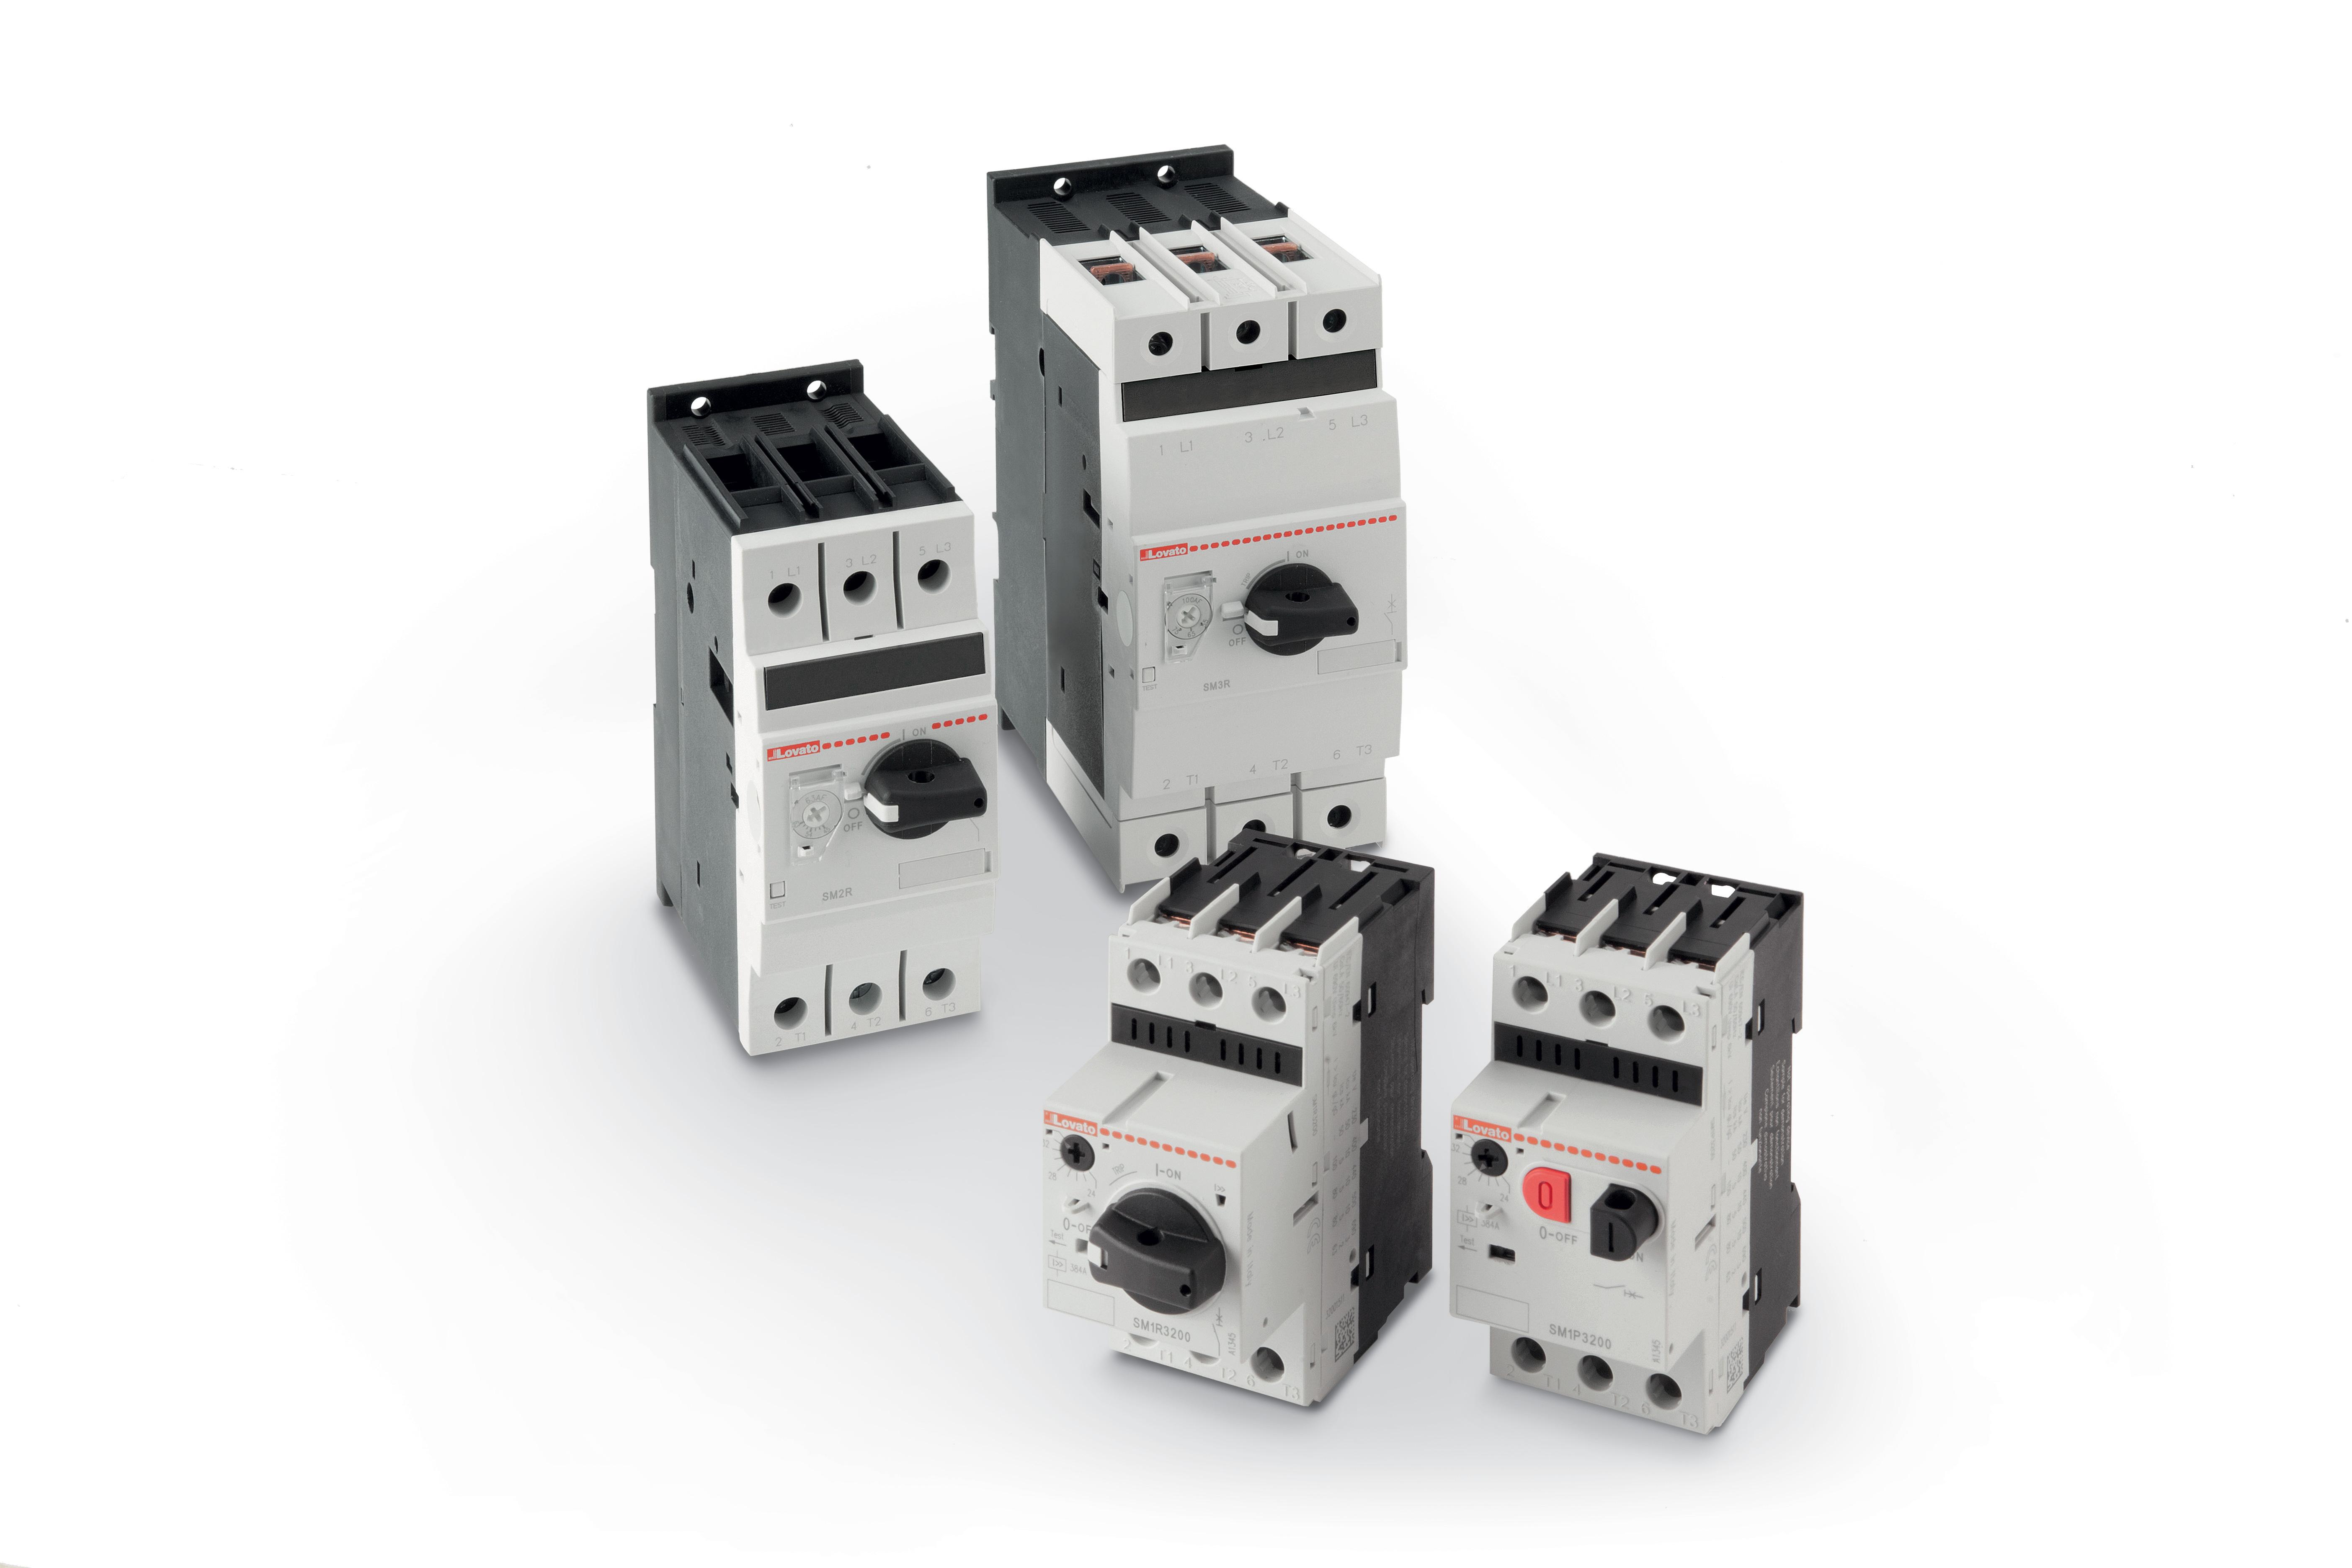 Schema Elettrico Contattore E Salvamotore : Interruttori salvamotori magnetotermici serie sm la protezione è tutto